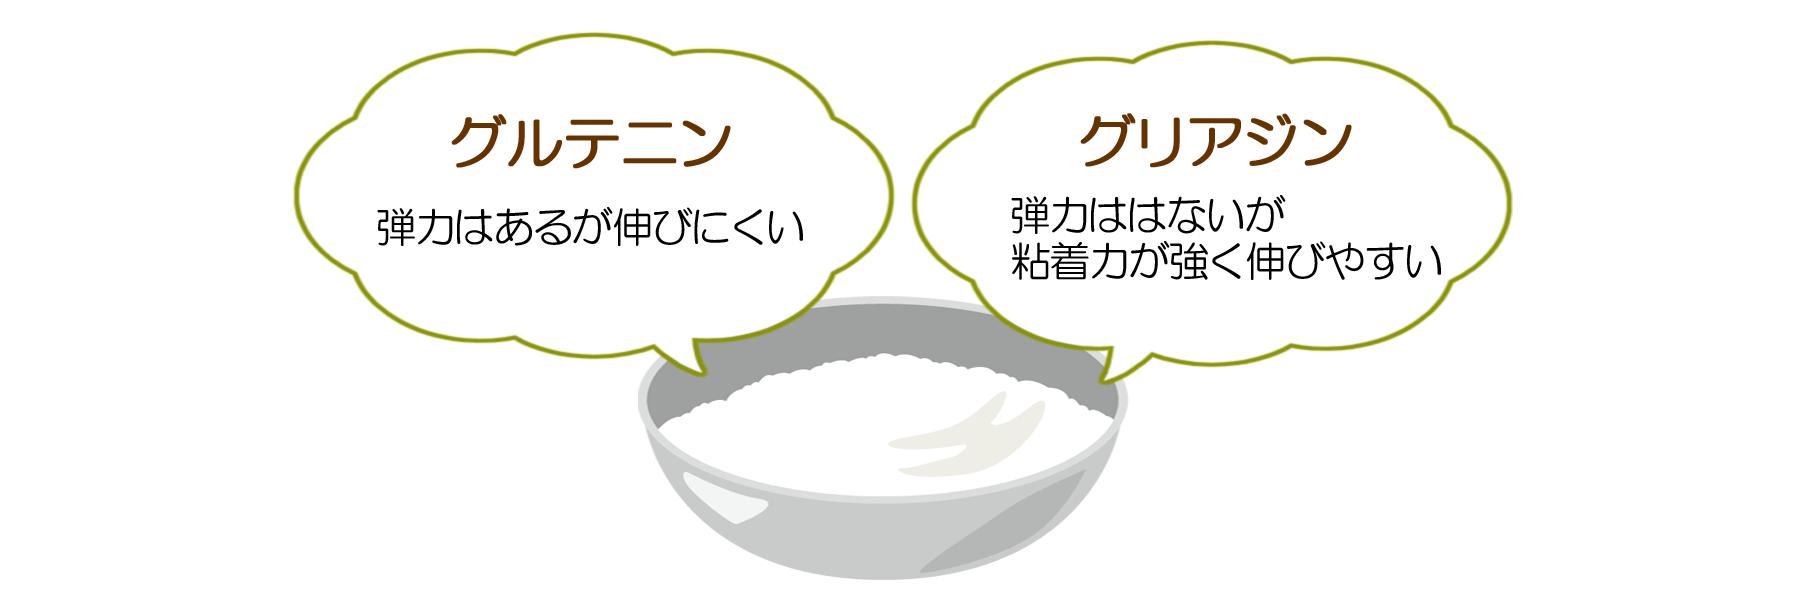 グルテニン/グリアジン